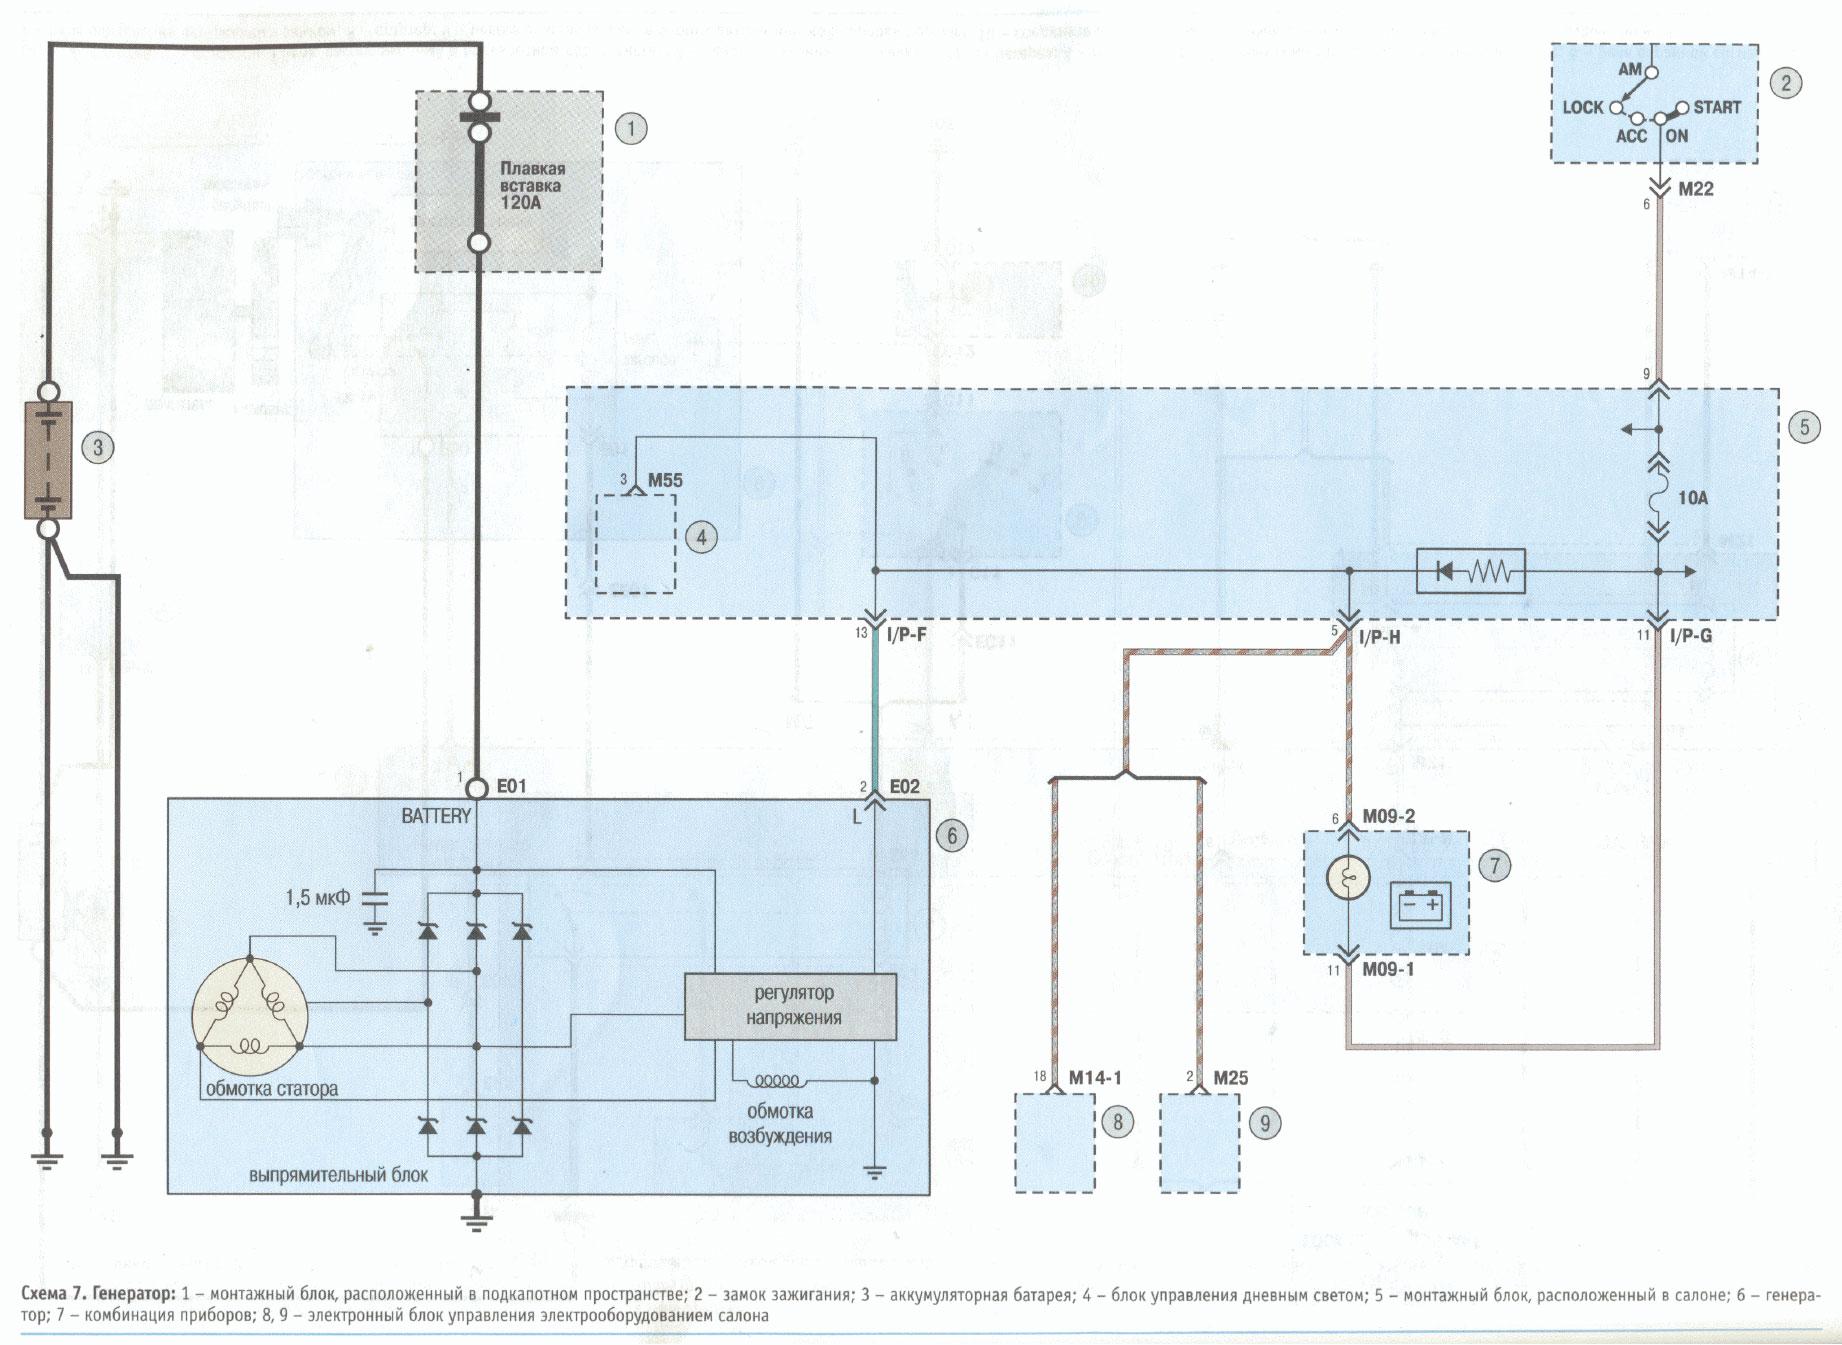 Схема электрооборудования киа рио